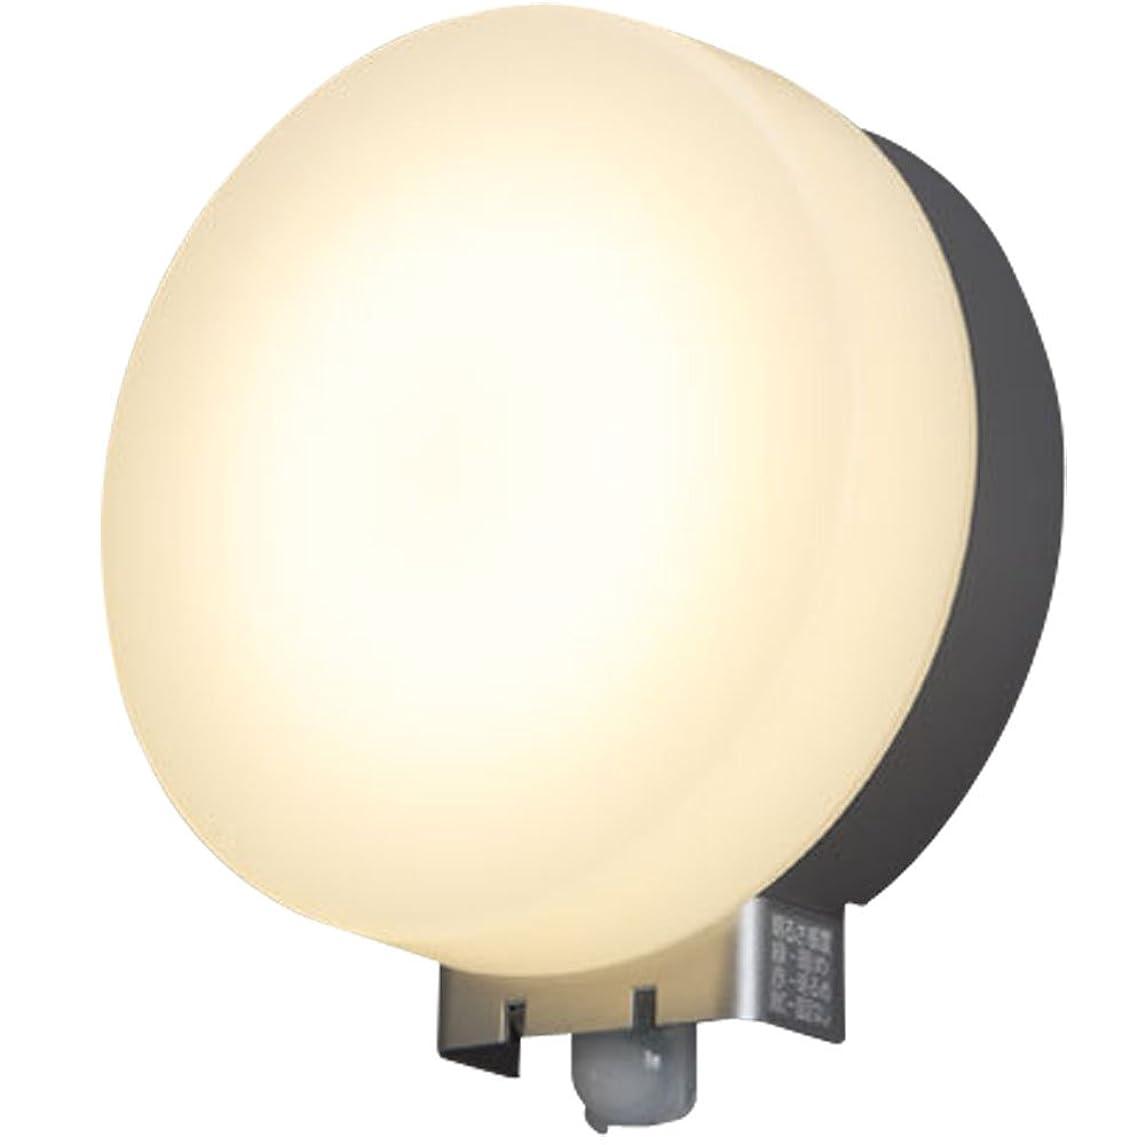 二ピッチャーピッチャーアイリスオーヤマ LEDポーチ灯 人感センサー付き シルバー 電気工事必要 IRBR5N-CIPLS-MSBS-P